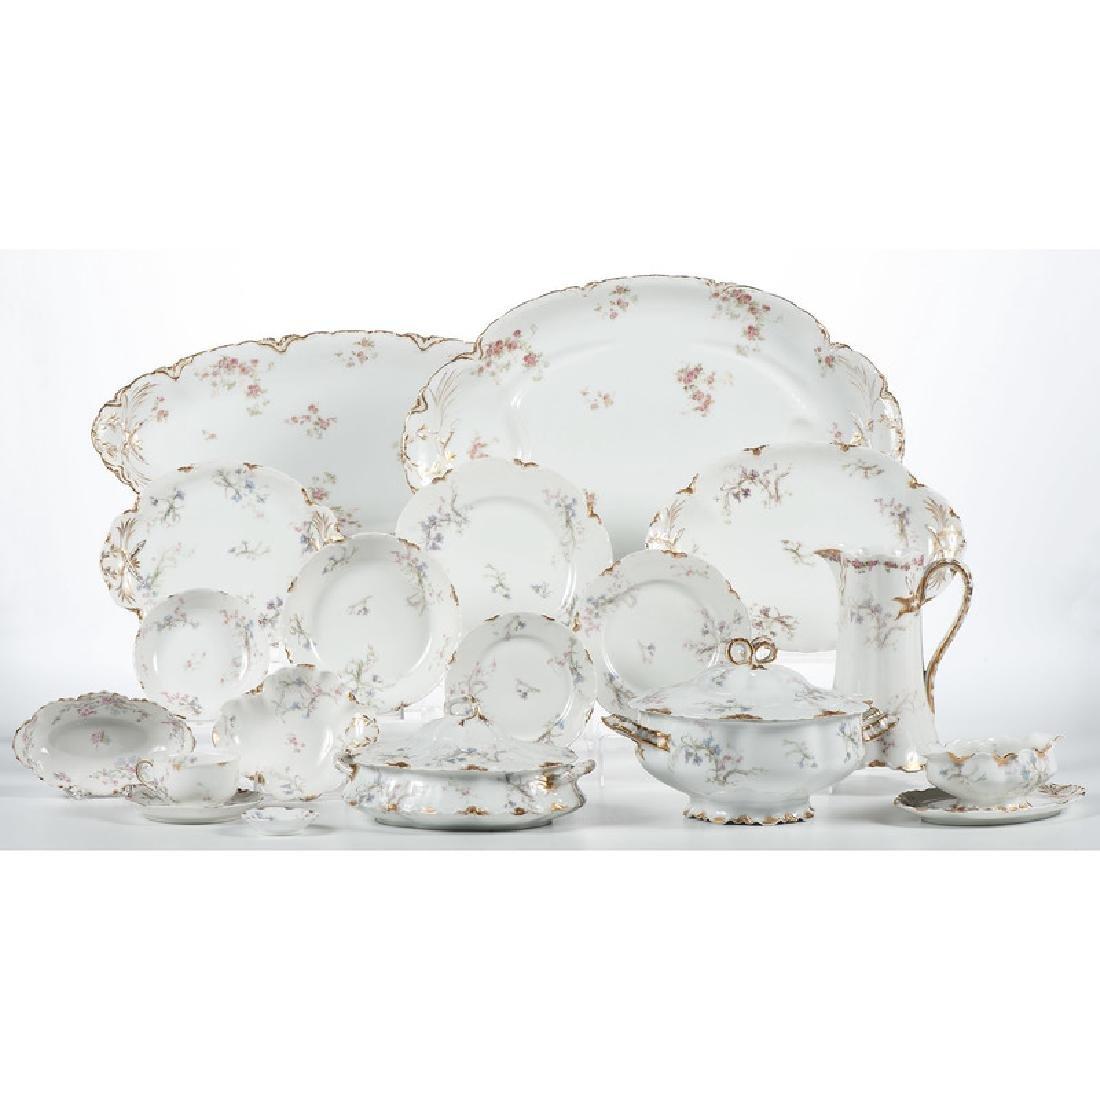 Haviland & Co. Limoges Porcelain Service